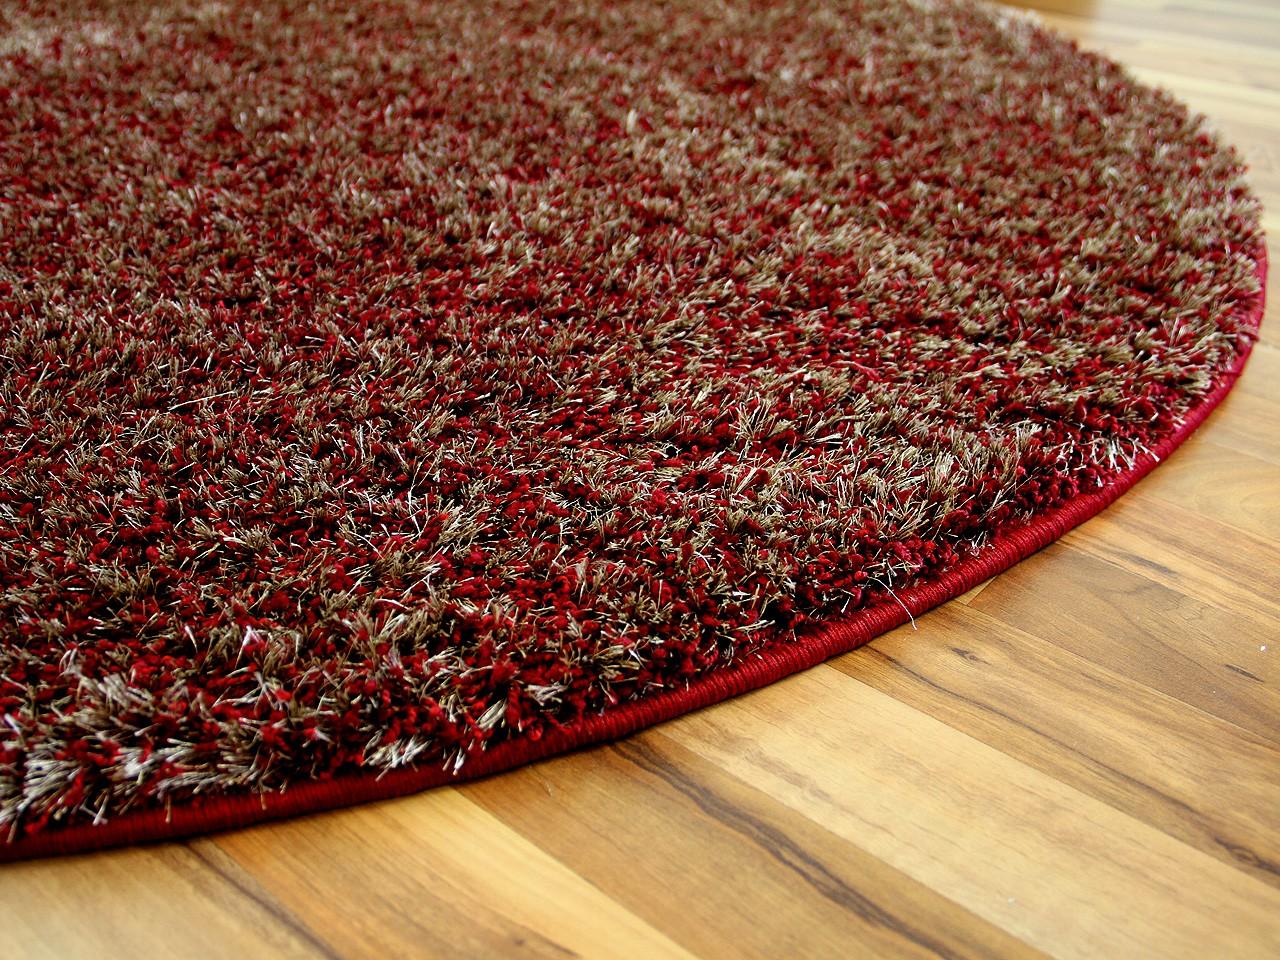 teppich rund rot teppich adum rund 04064920171008 feinschlingen velour teppich strong rot rund. Black Bedroom Furniture Sets. Home Design Ideas